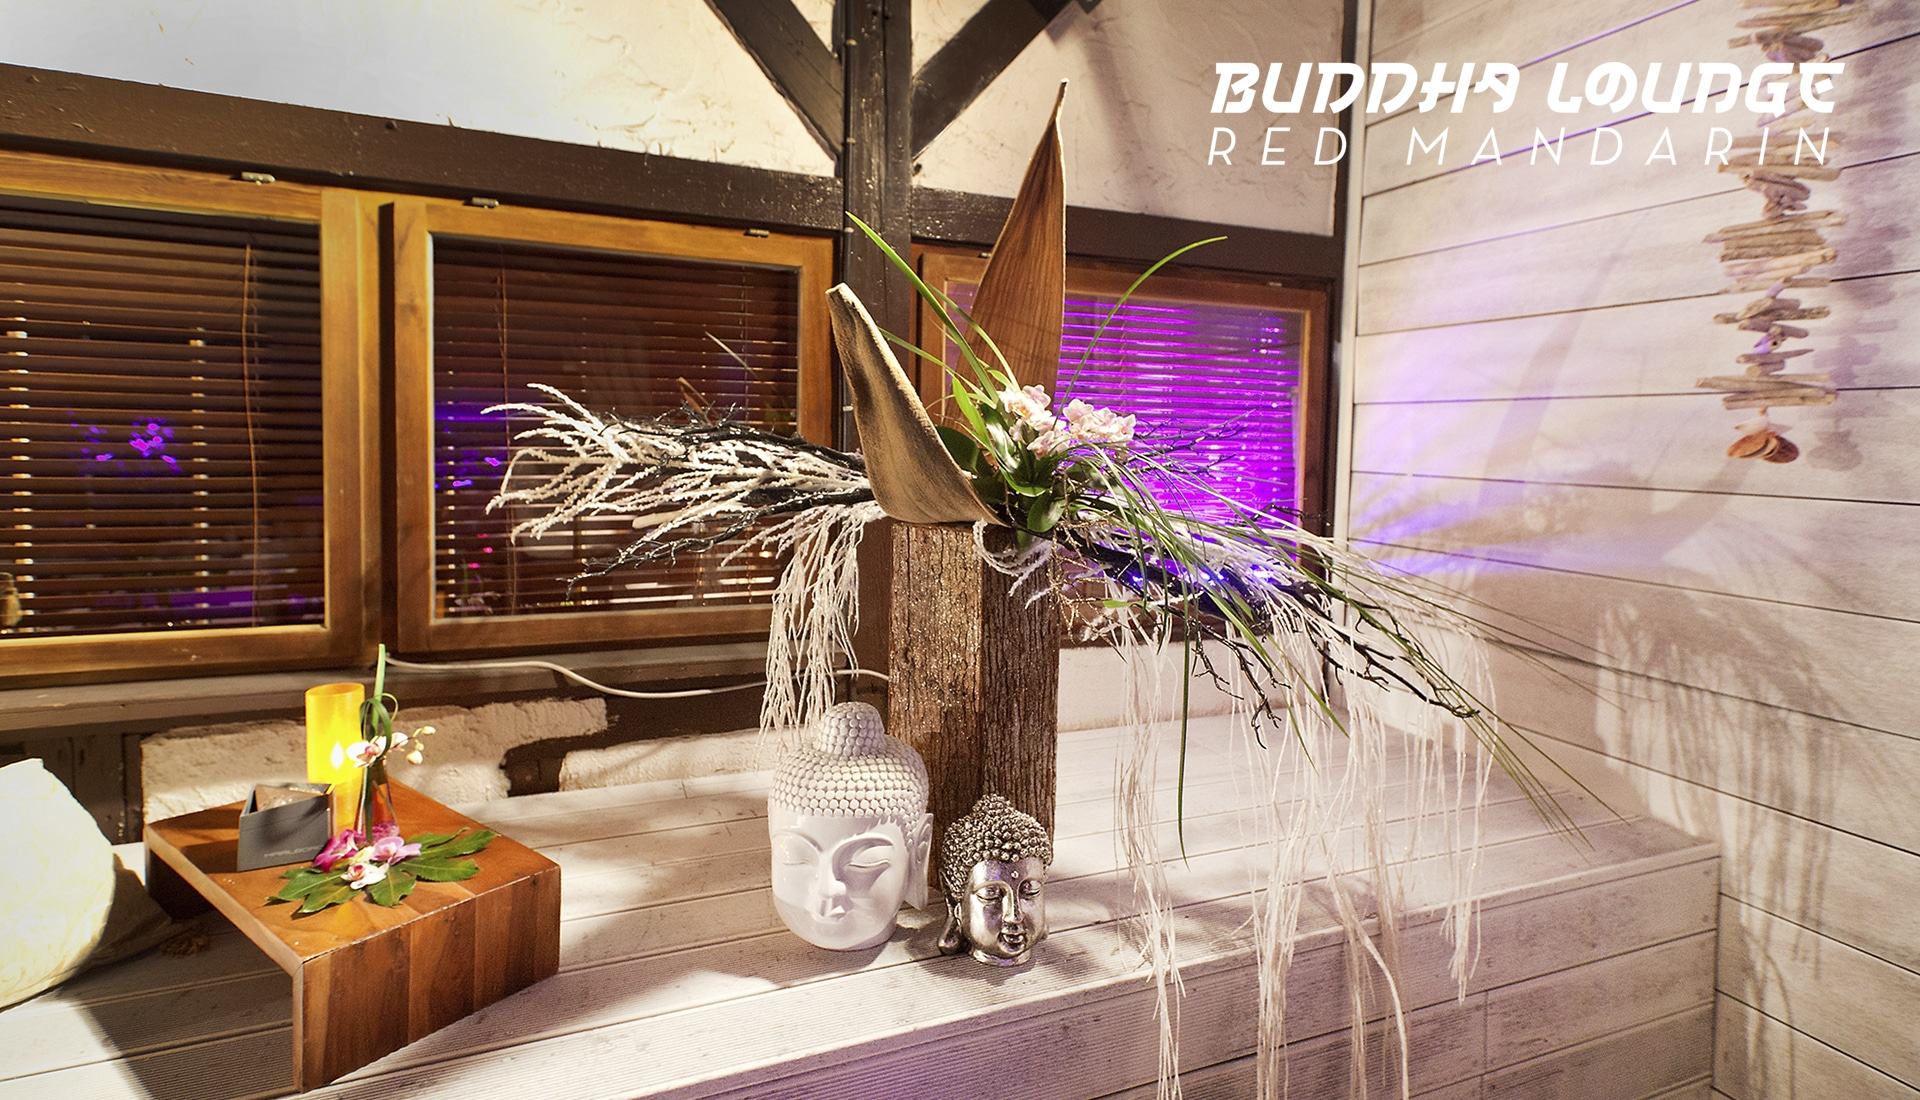 Buddha-Lounge-Red-Mandarin-Stuttgart-Event-Veranstaltung-Hochzeit-Slider Bilder 21